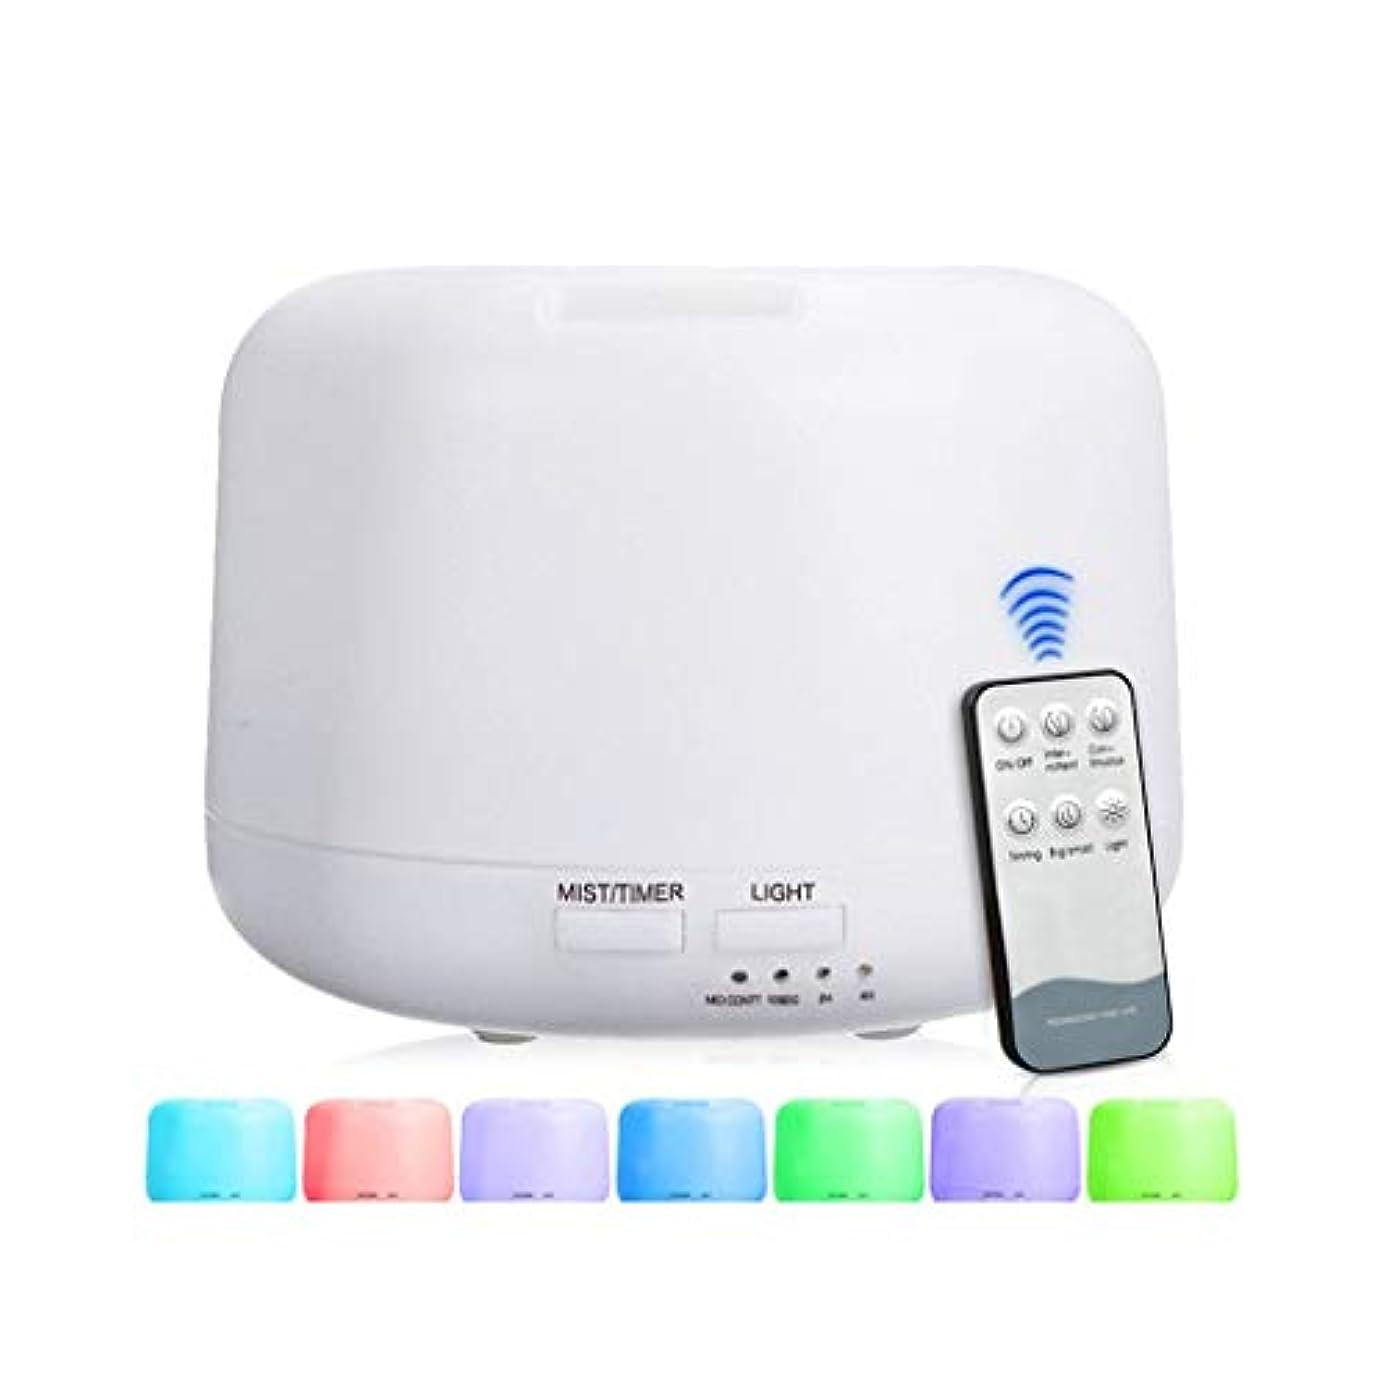 遠えいいね閉じる300 Mlアドバンストディフューザー、超音波蒸発器加湿器、タイマーおよび自動遮断安全スイッチ、7 LEDライトカラー (Color : Warm white)